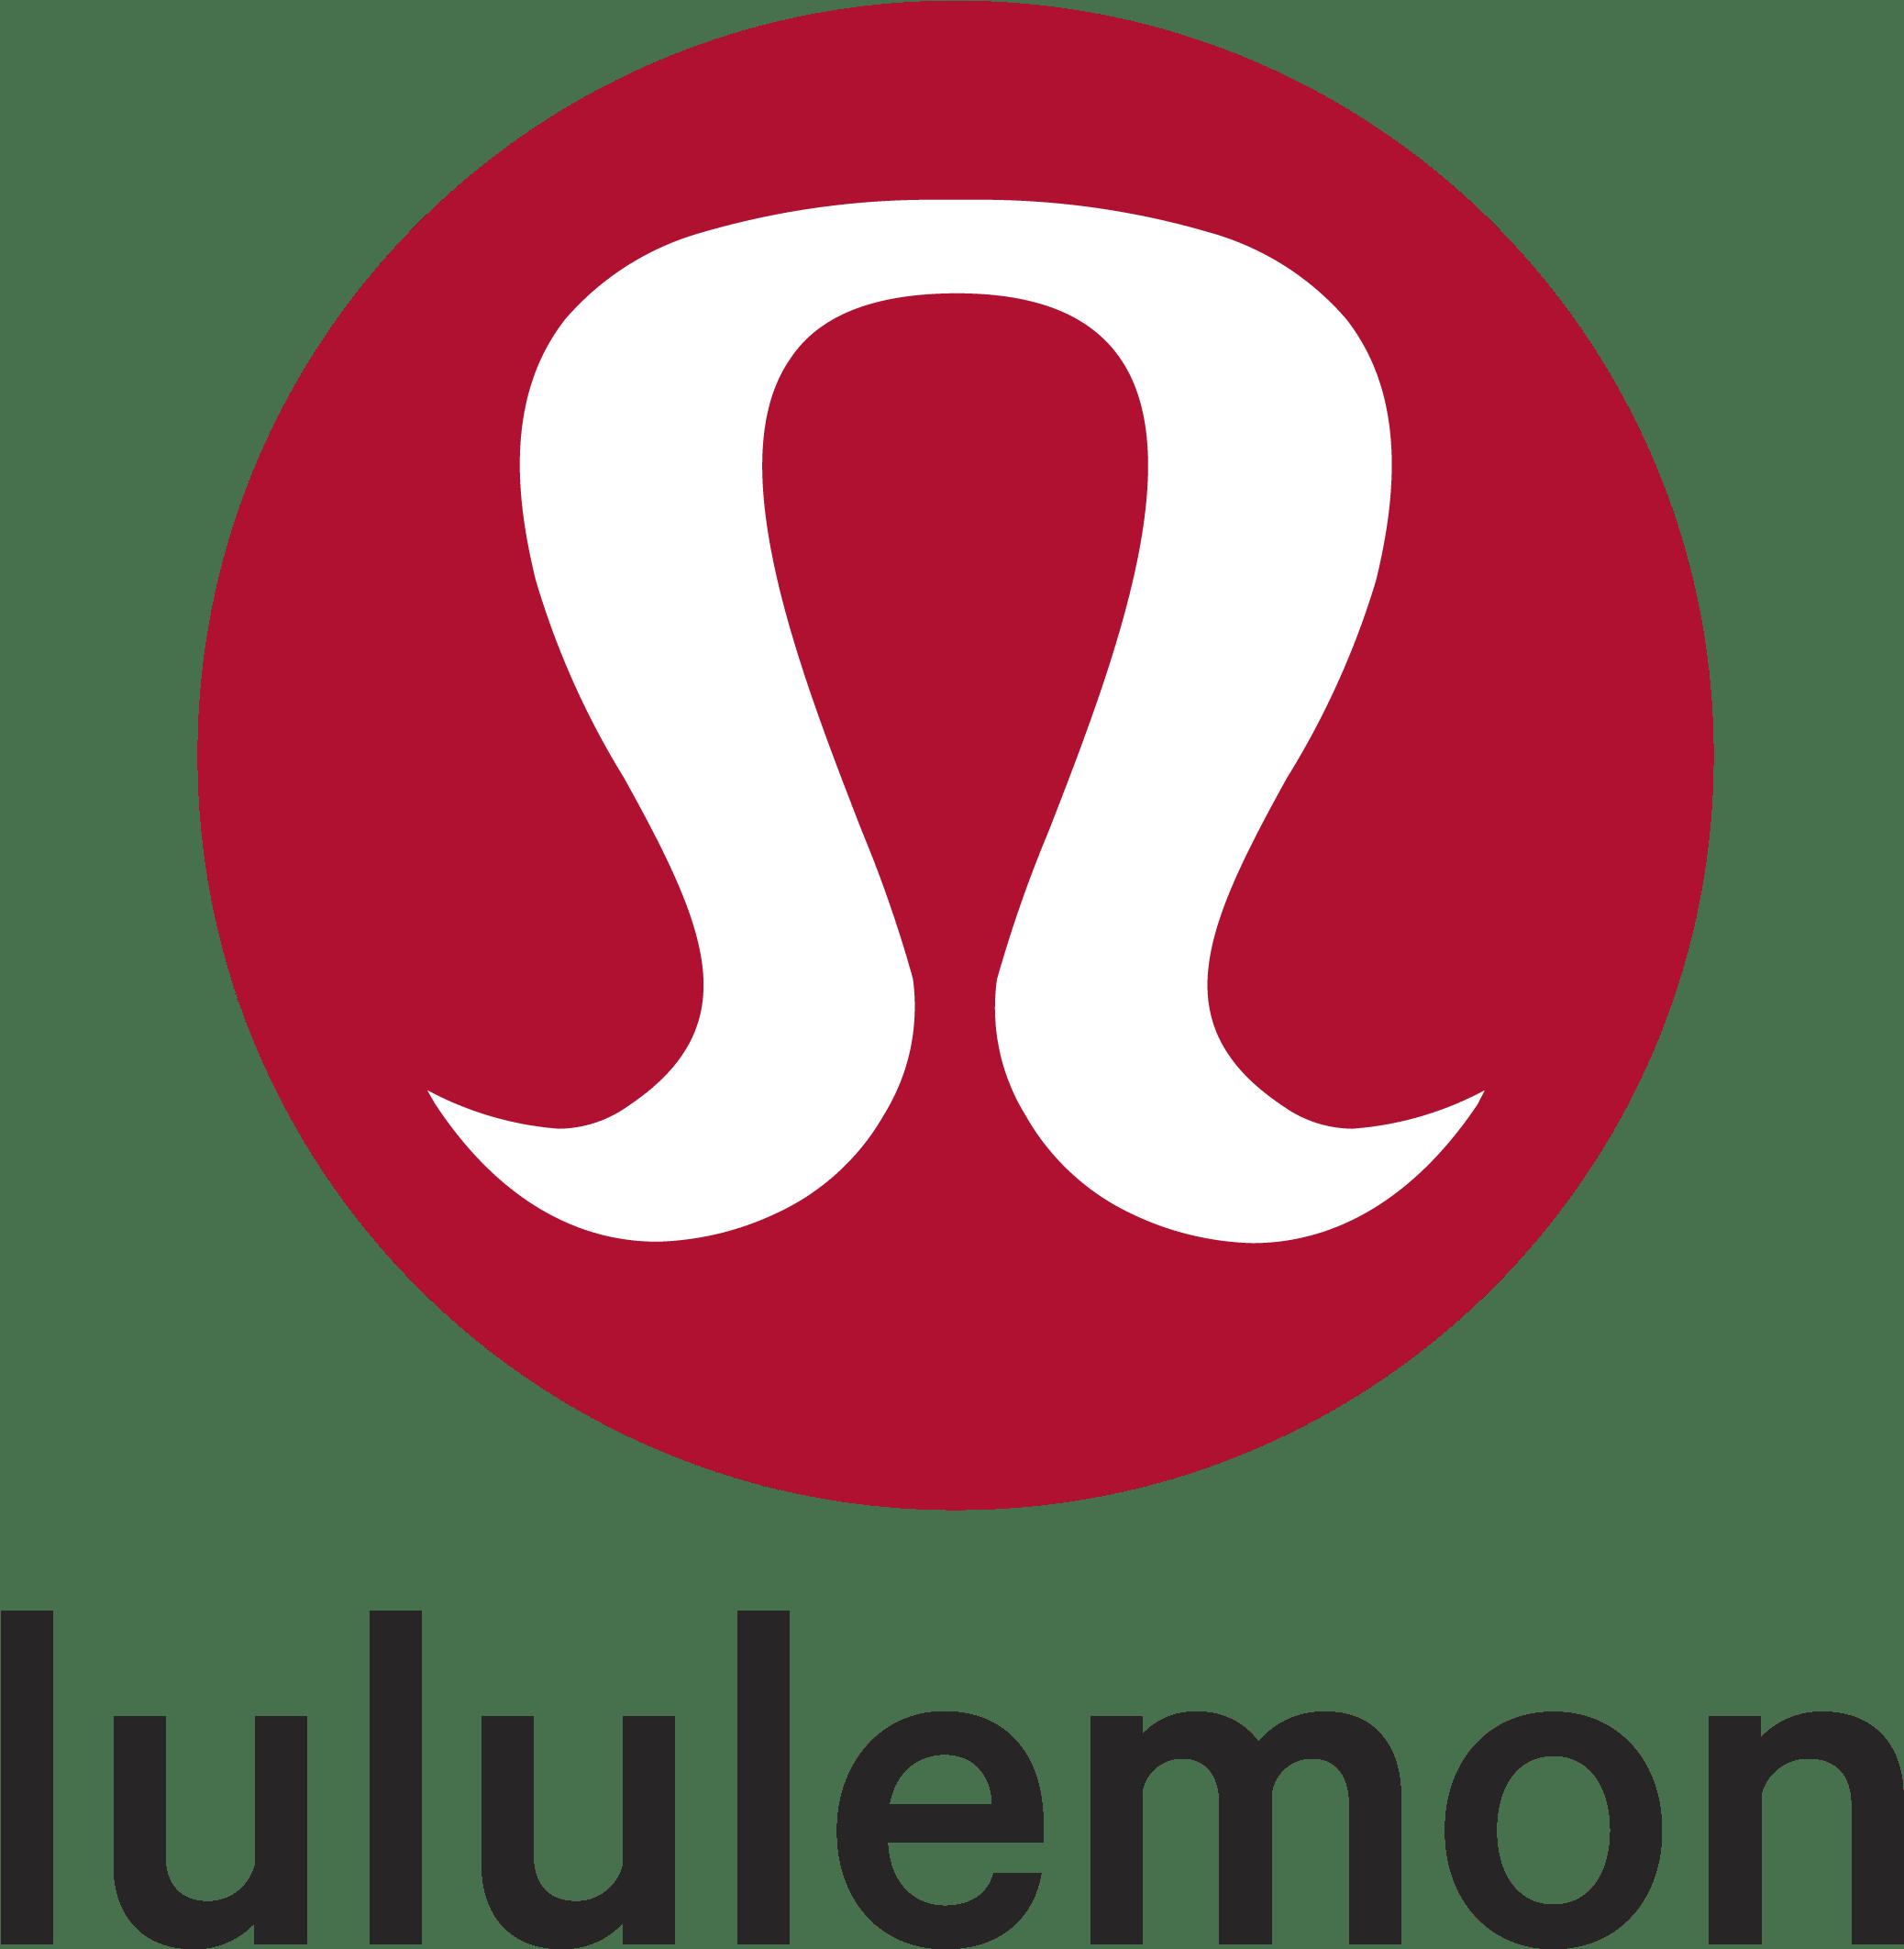 Lululemon-Athletica-logo